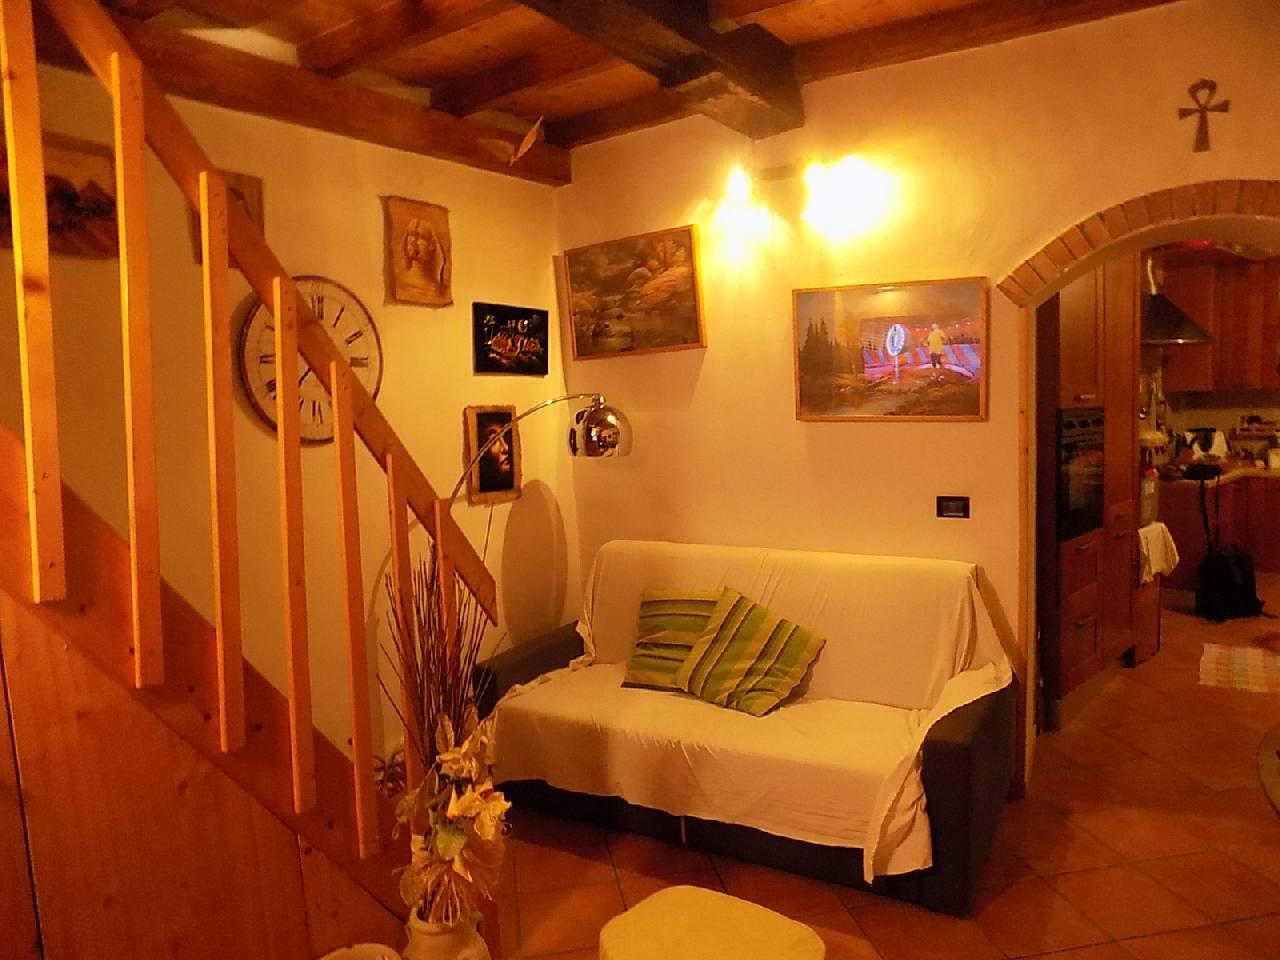 Appartamento in vendita a Pianoro, 1 locali, zona Località: Pianoro, prezzo € 95.000 | CambioCasa.it